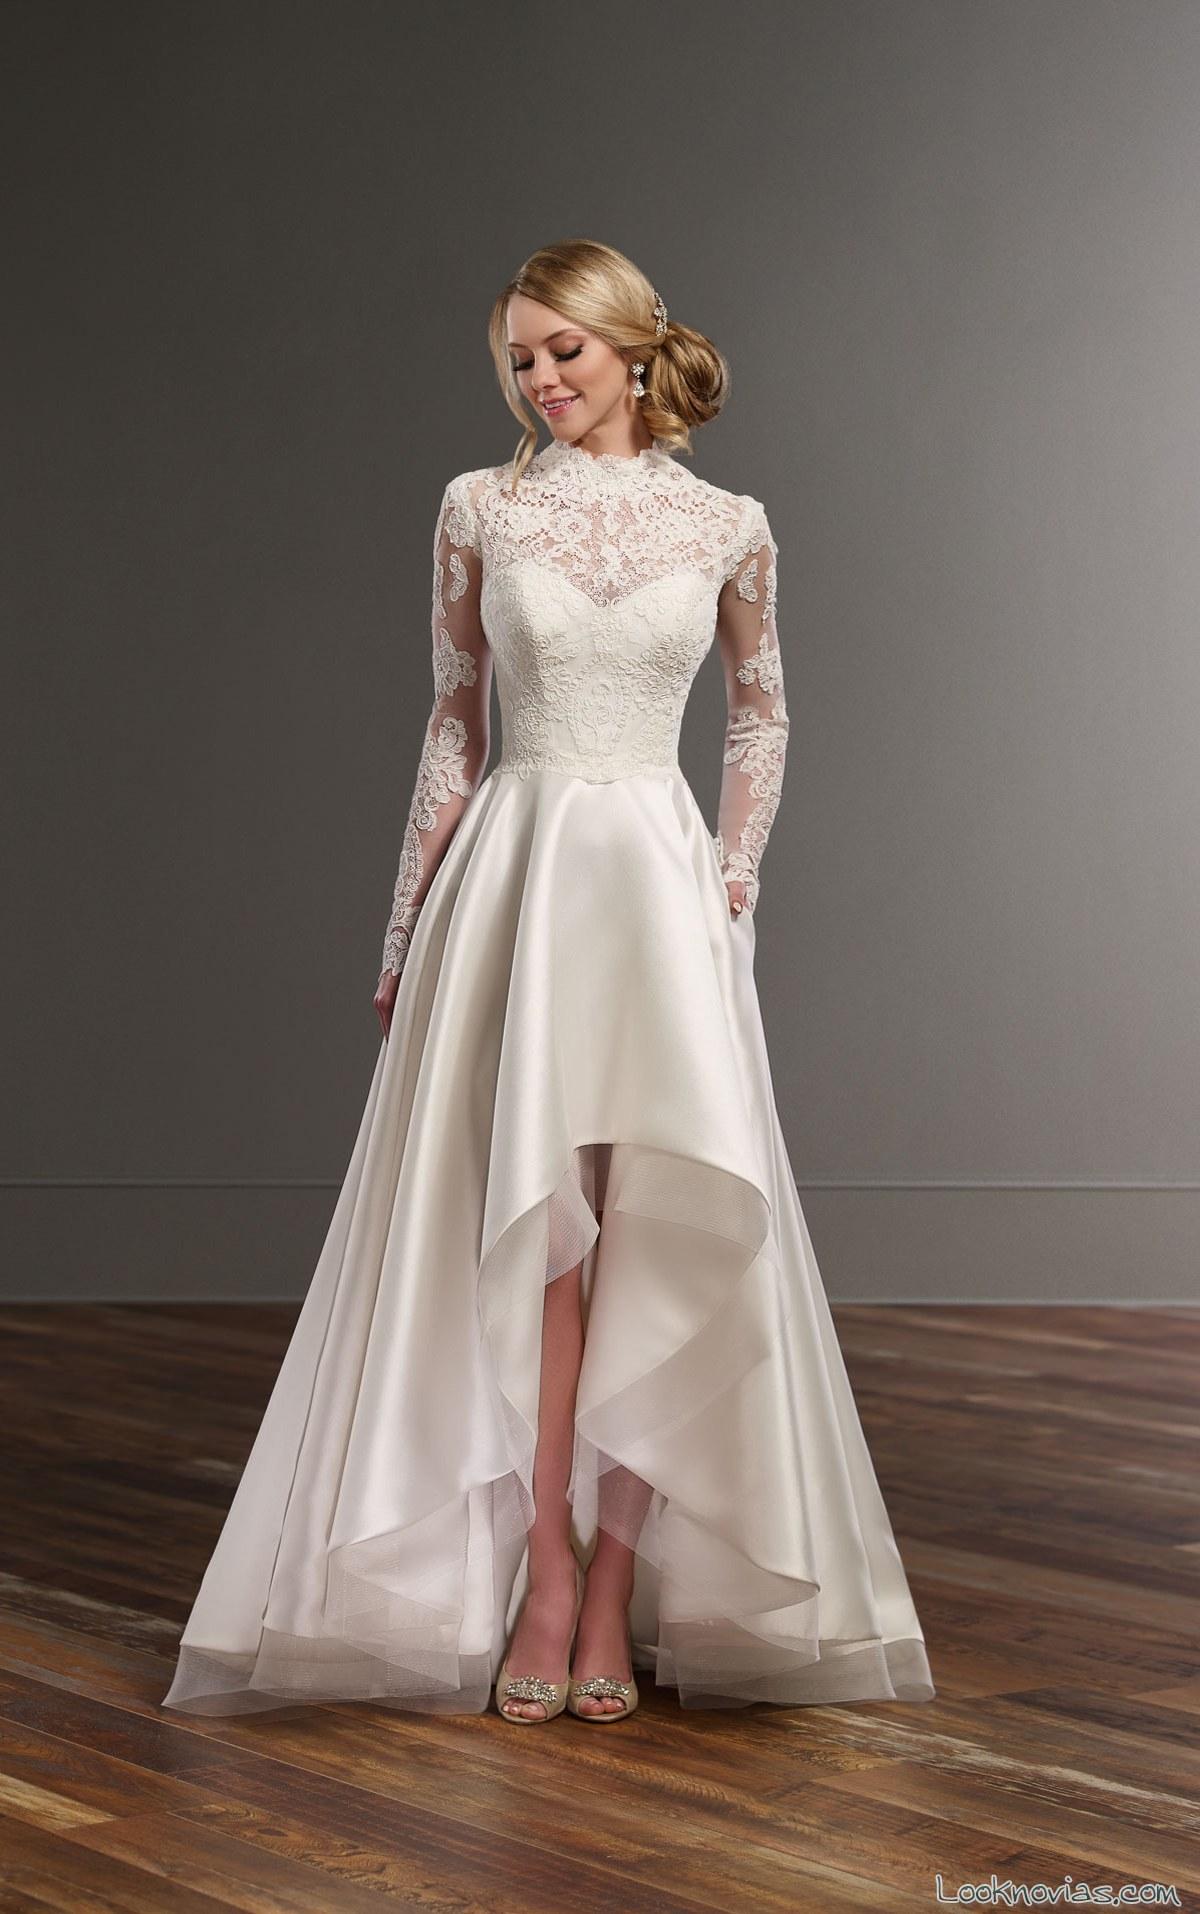 falda asimétrica cuerpo de encajes para novias